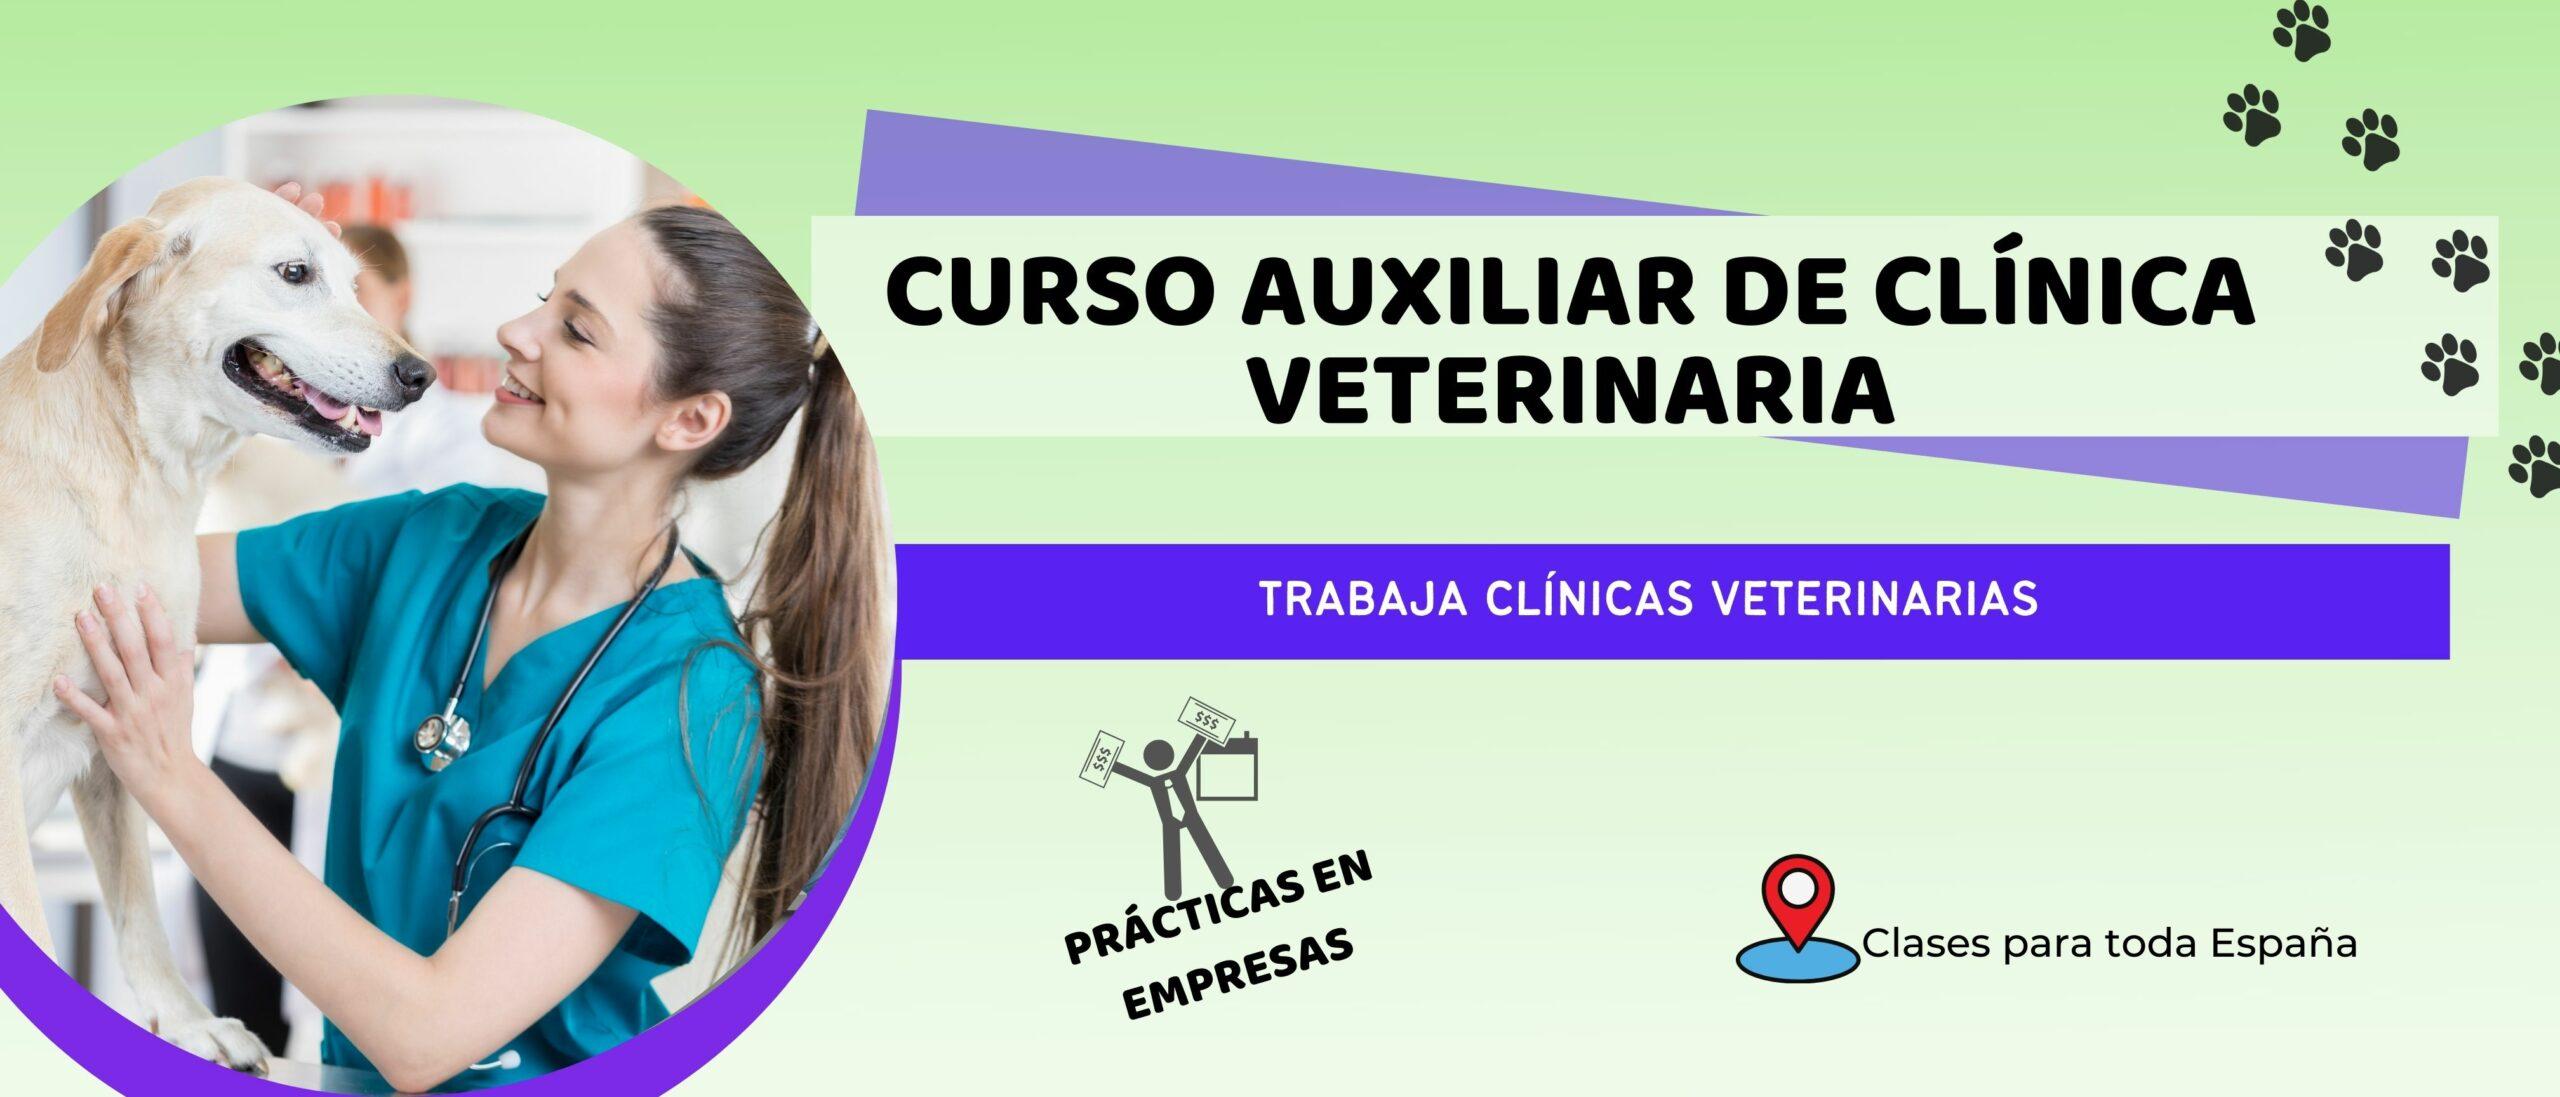 Auxiliar de clínica veterinaria